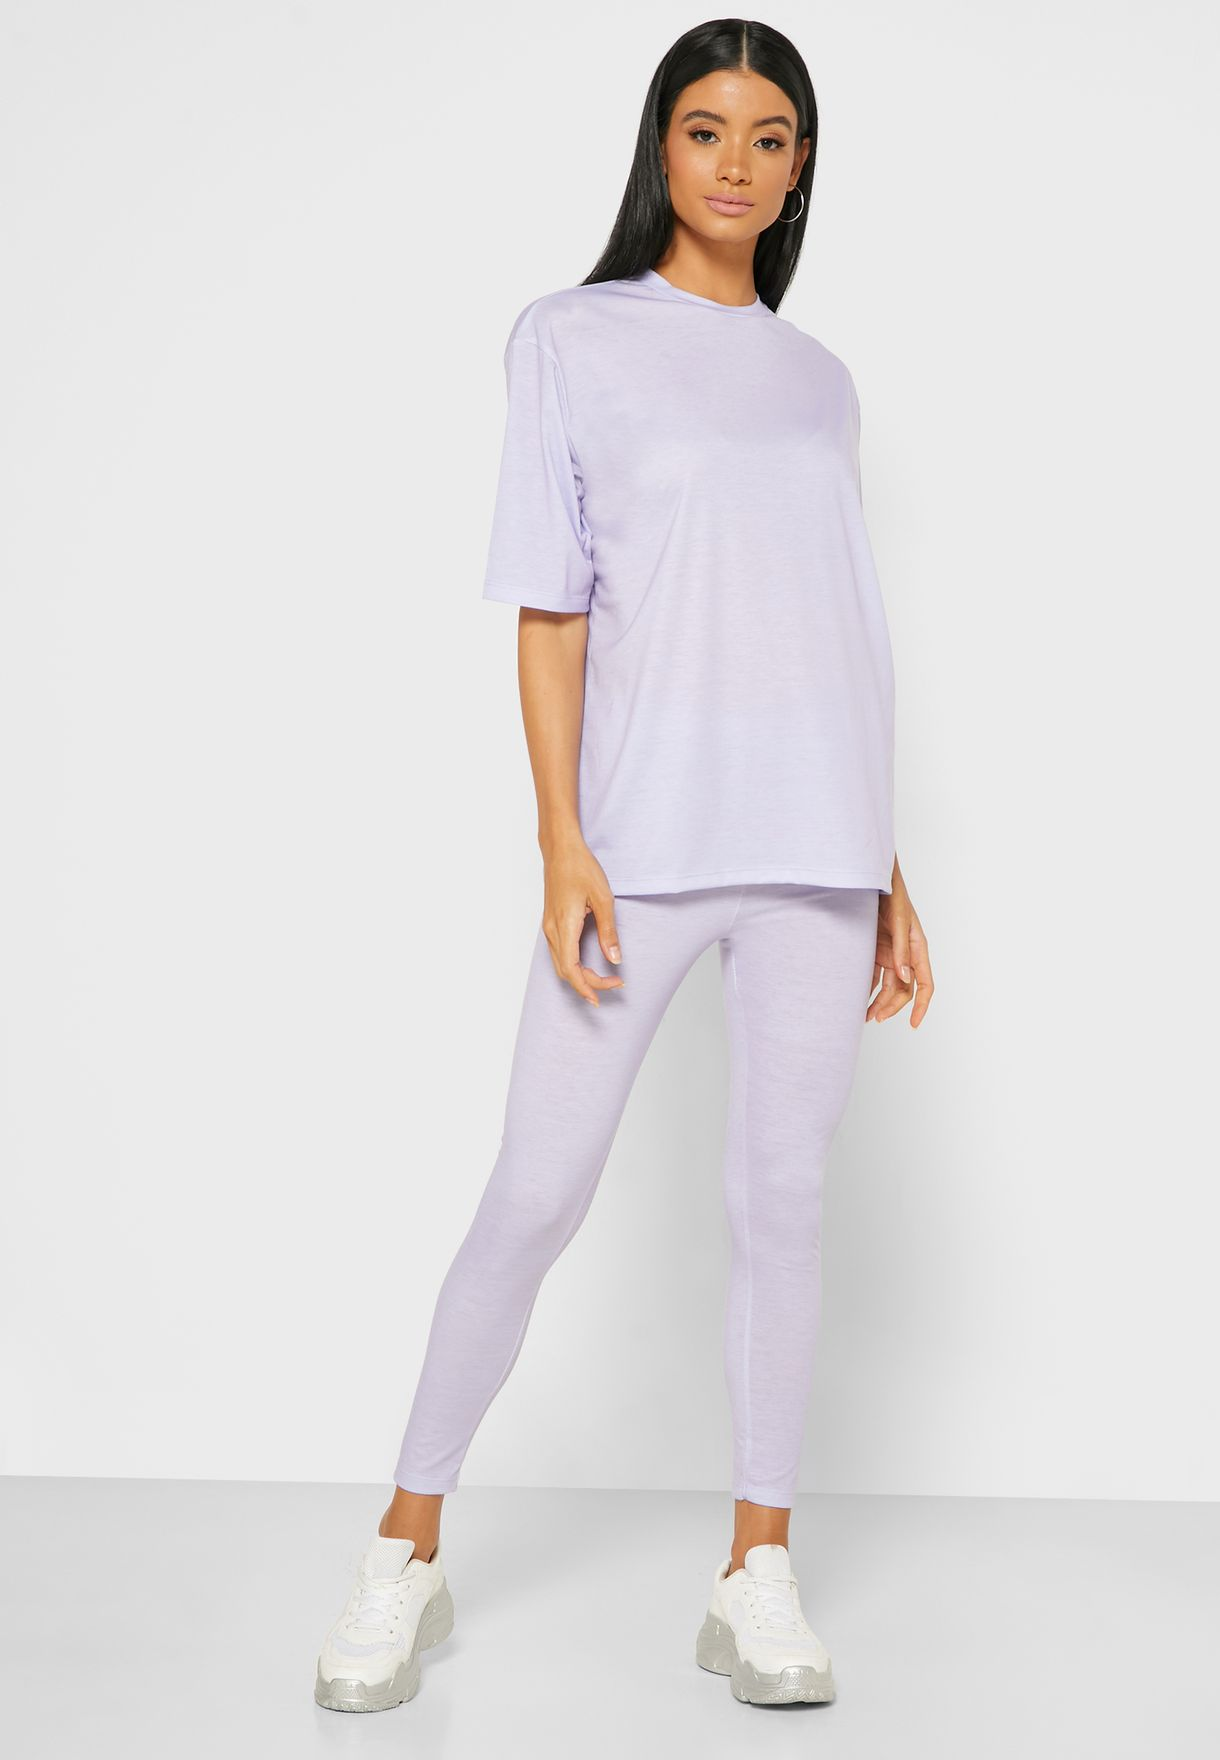 Oversized T-Shirt Leggings Set